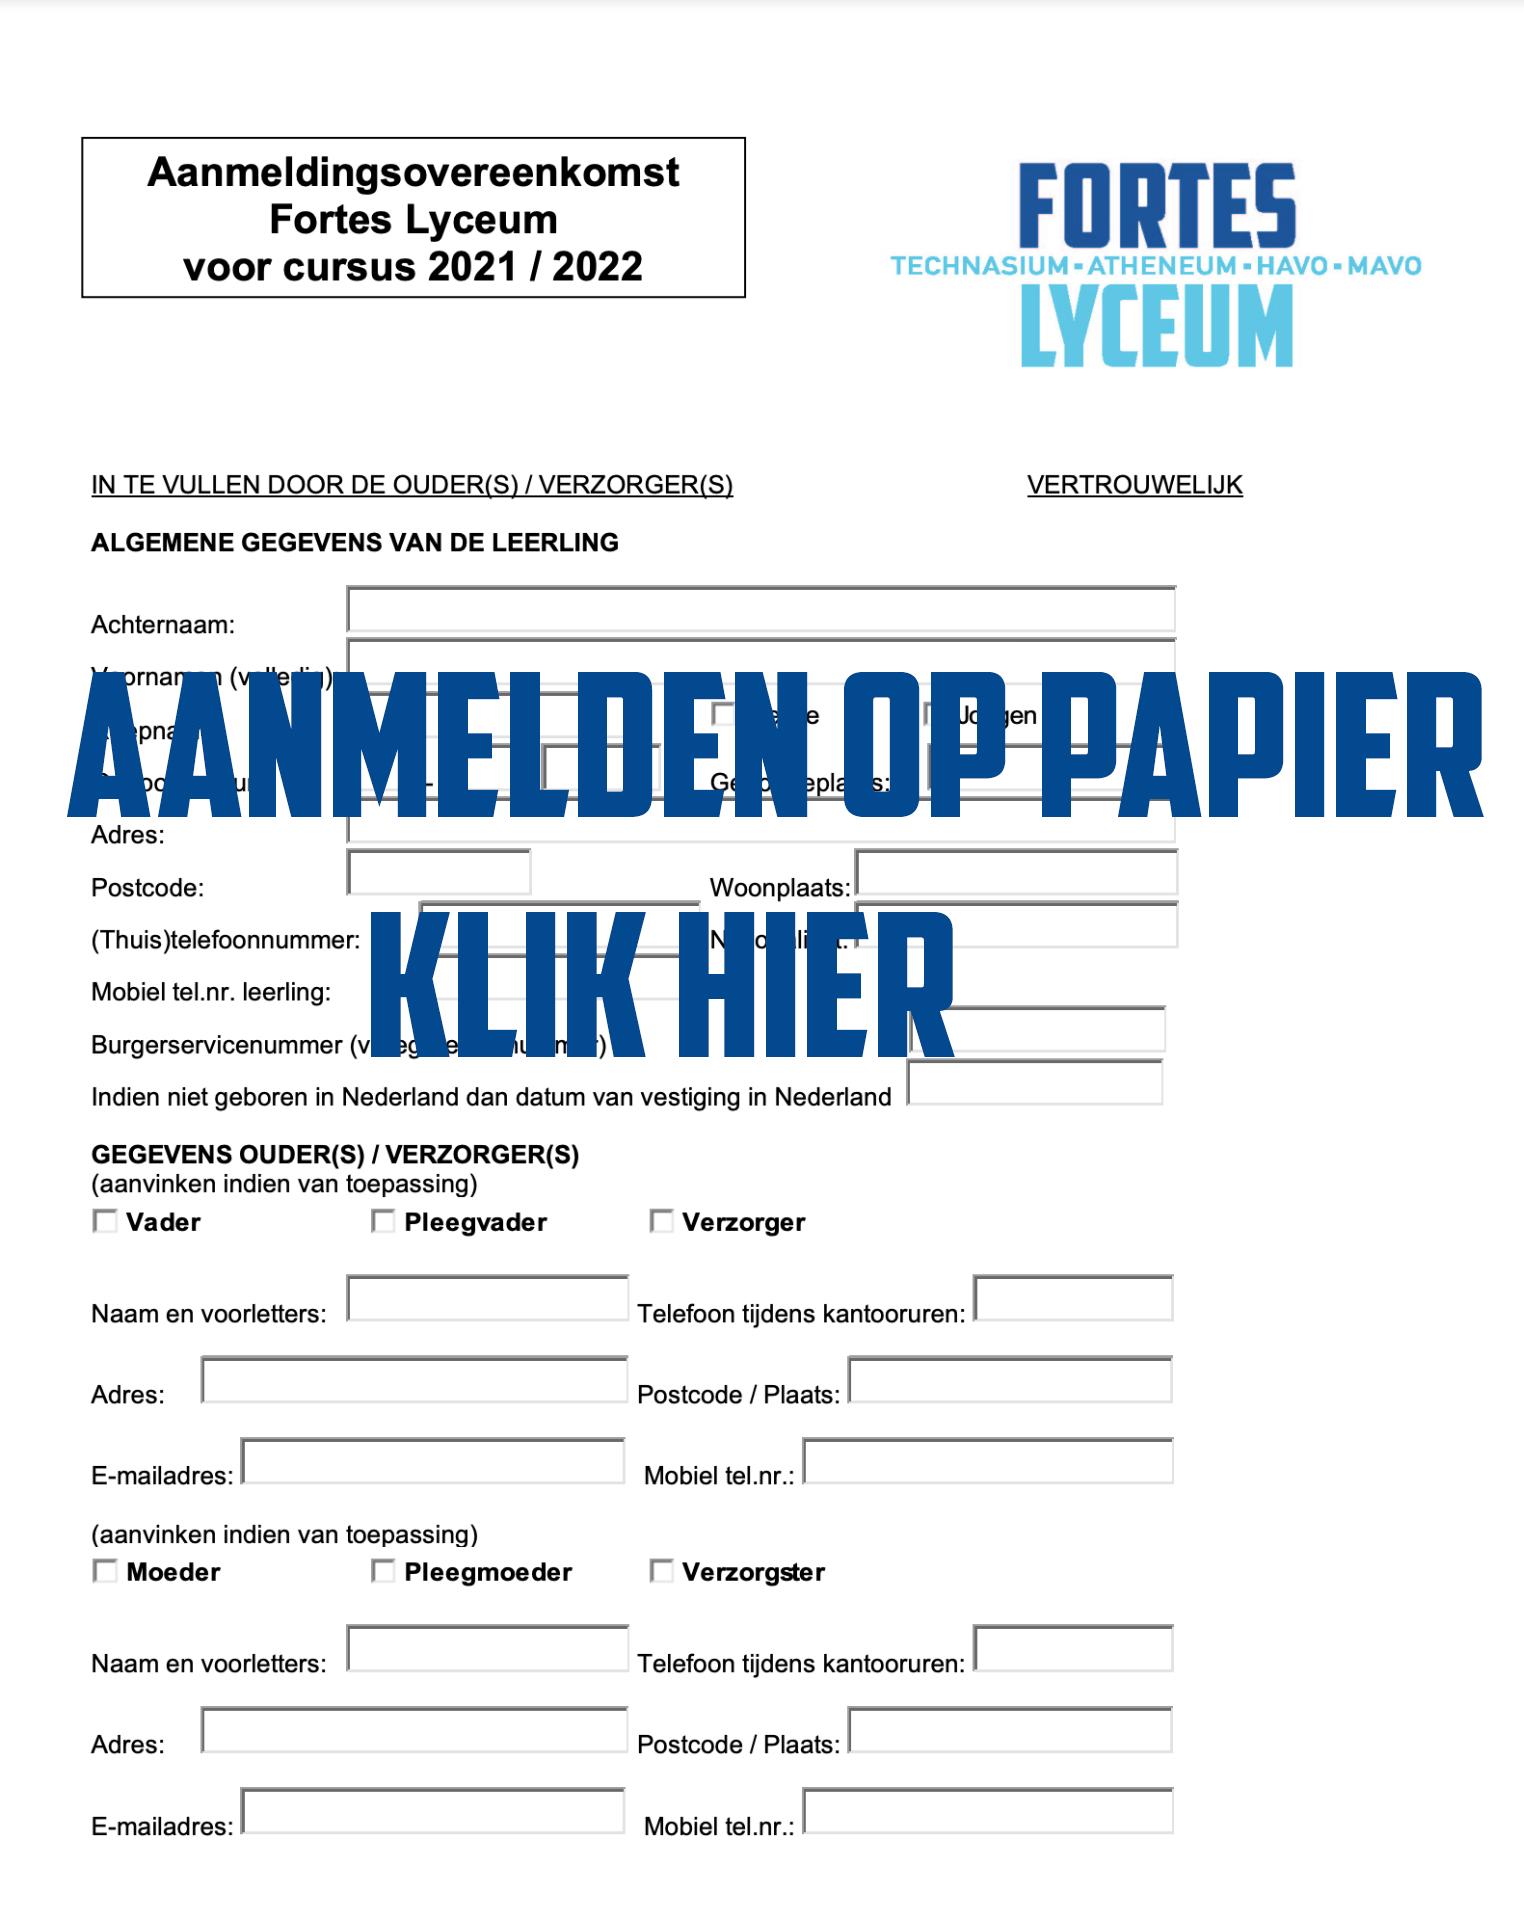 aanmelden op papier.png